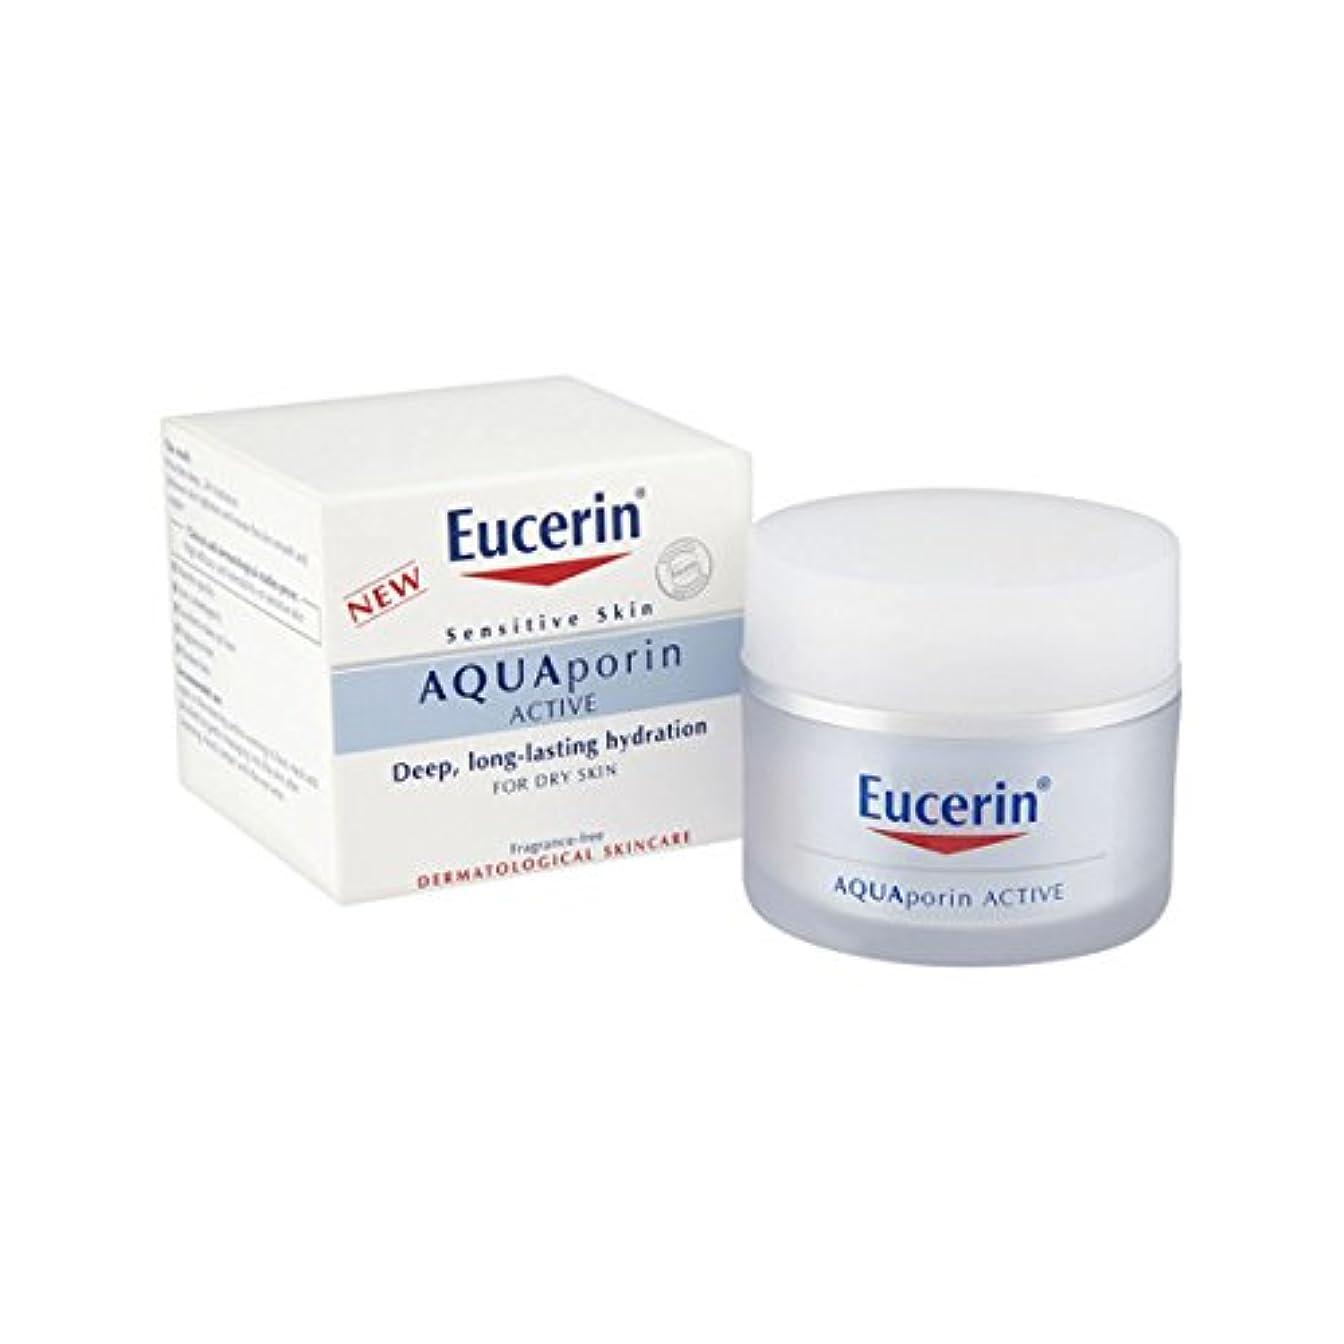 バイソン語謝るEucerin Aquaporin Active Dry Skin 50ml [並行輸入品]